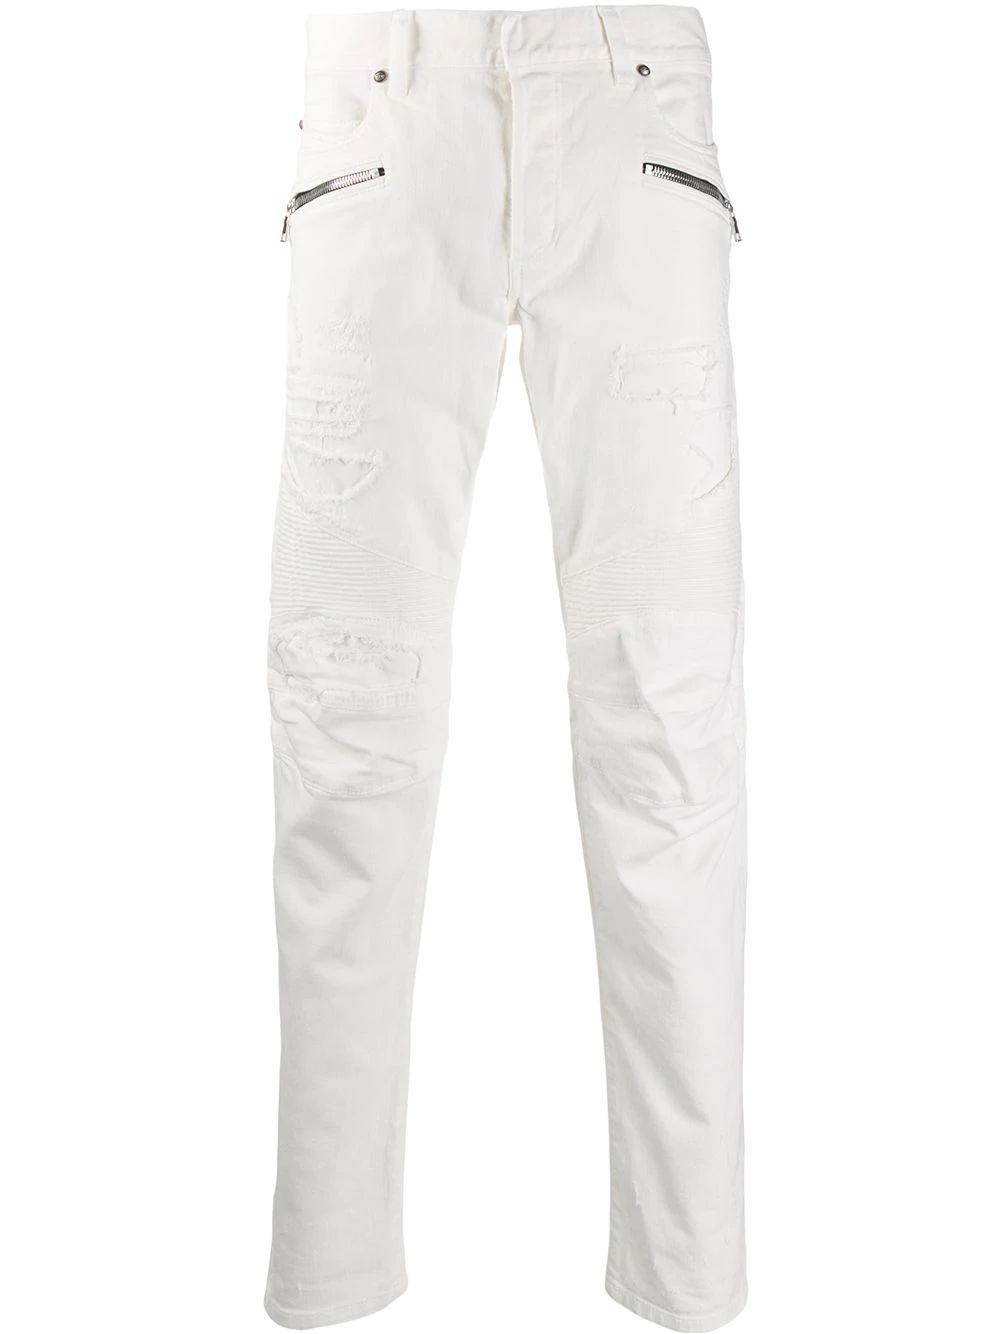 BALMAIN MEN'S SH05336Z1610FA WHITE COTTON JEANS